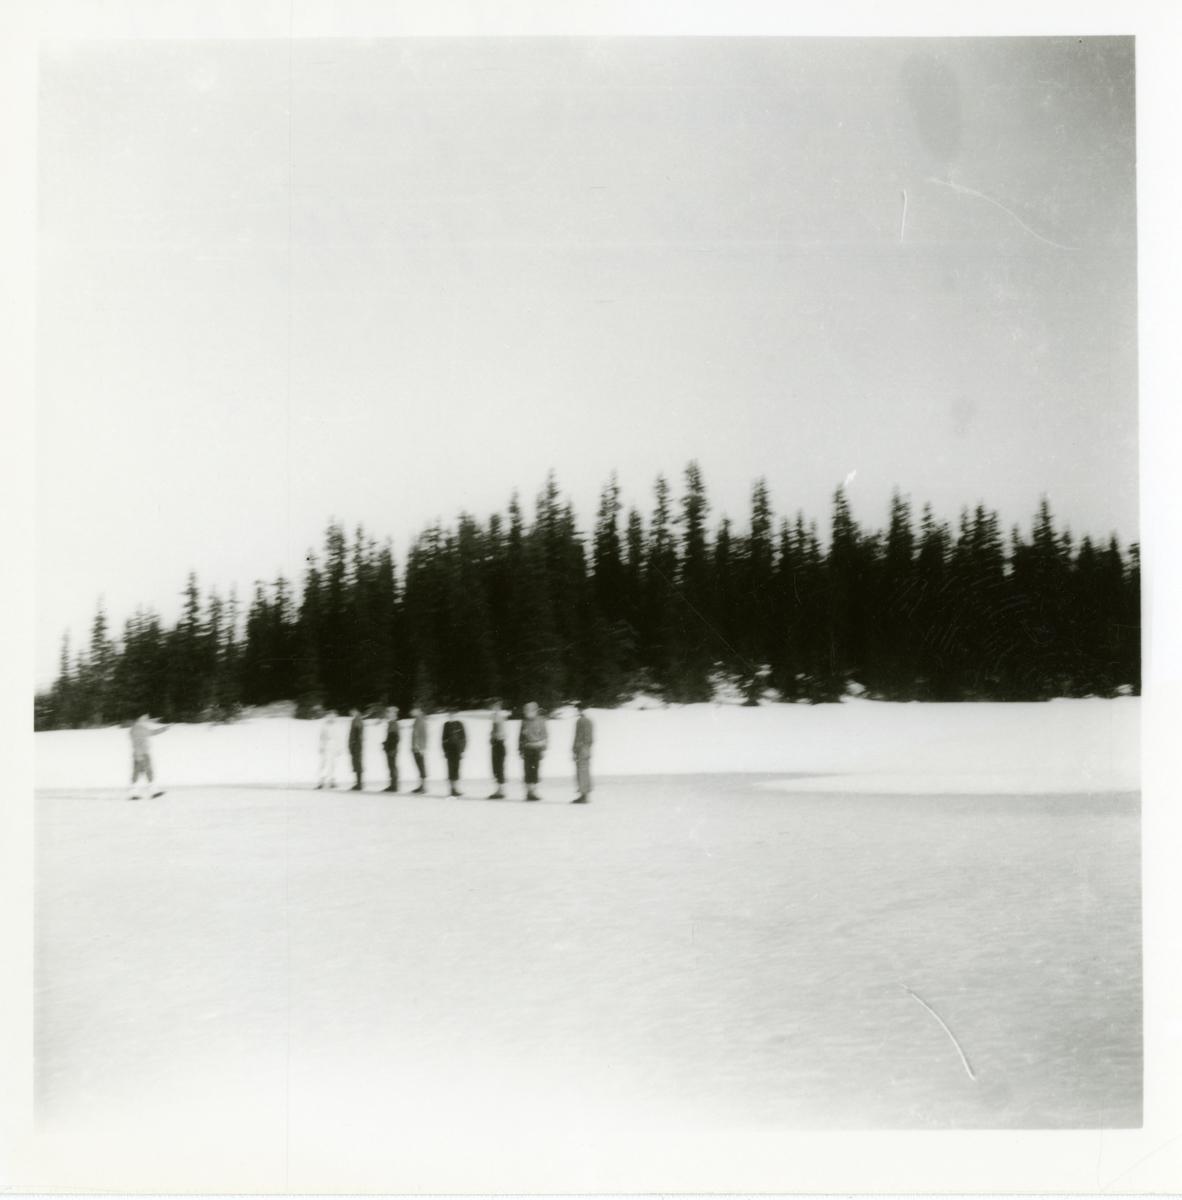 Hjemmefronten på Reinsjøputten i Reinsjødalen. Linjeeksersis, 1944.